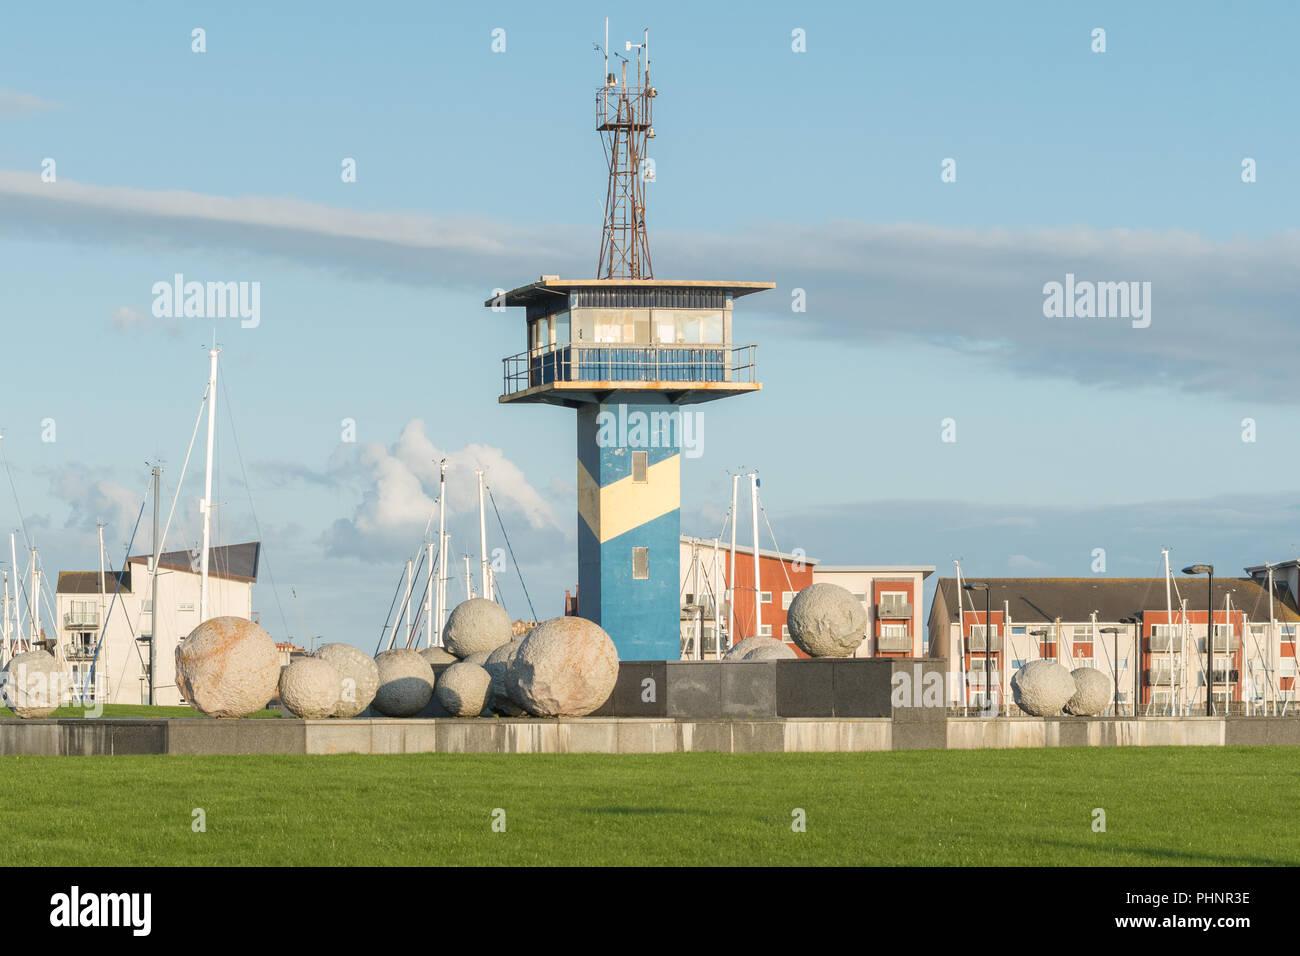 Ardrossan harbour station development - maîtres de port de guet et 'Position et l'apparence' sphère granit sculpture, Ardrossan, Ecosse, Royaume-Uni Photo Stock